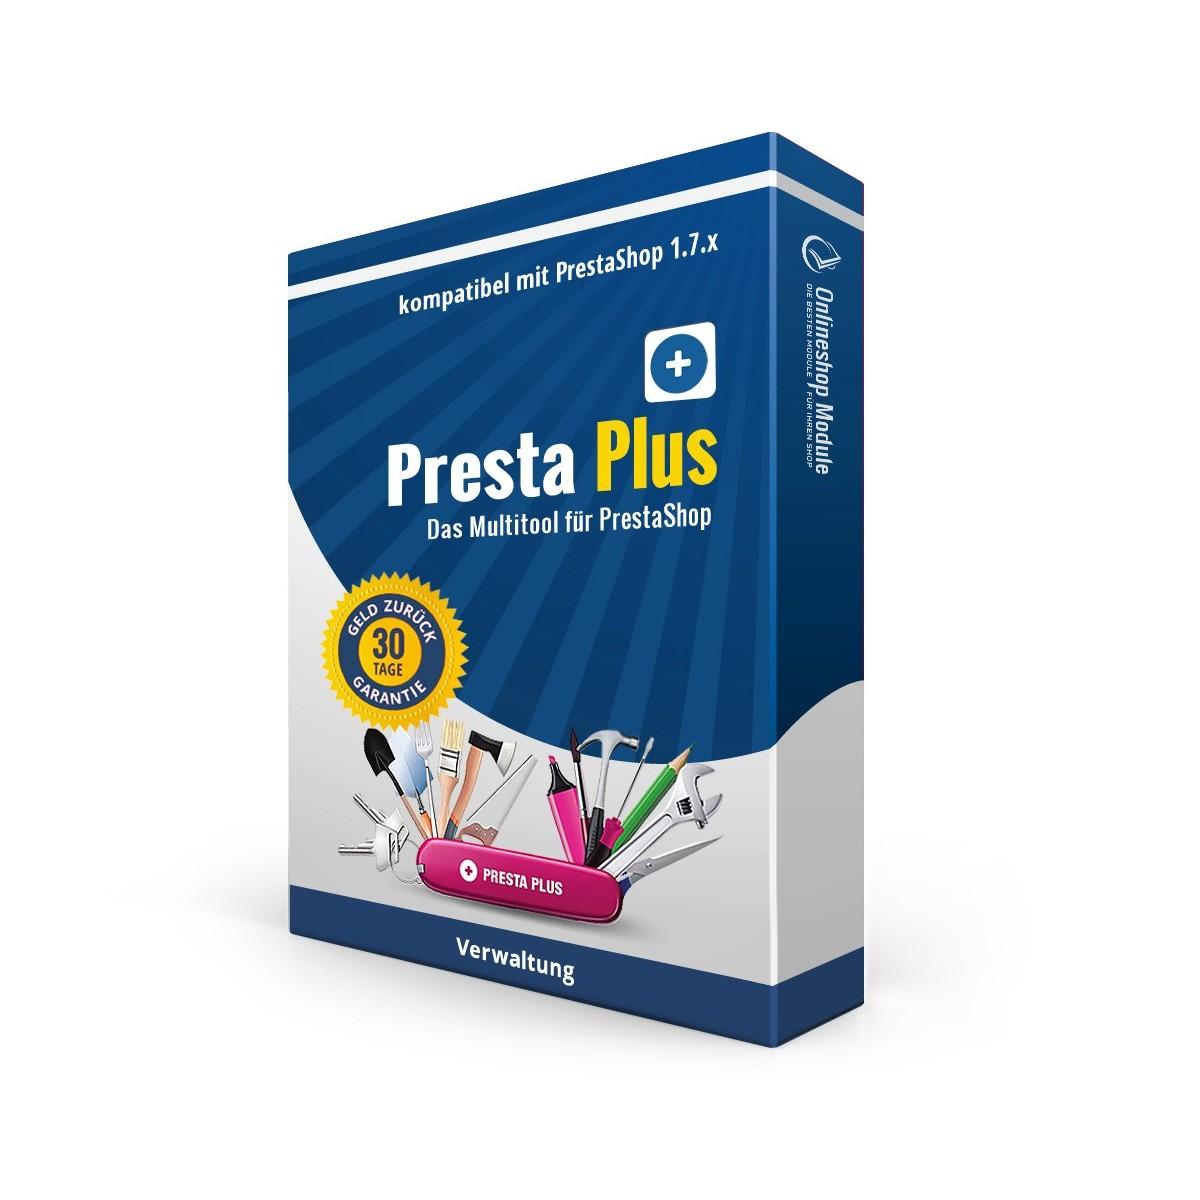 Presta Plus für PrestaShop 1.7